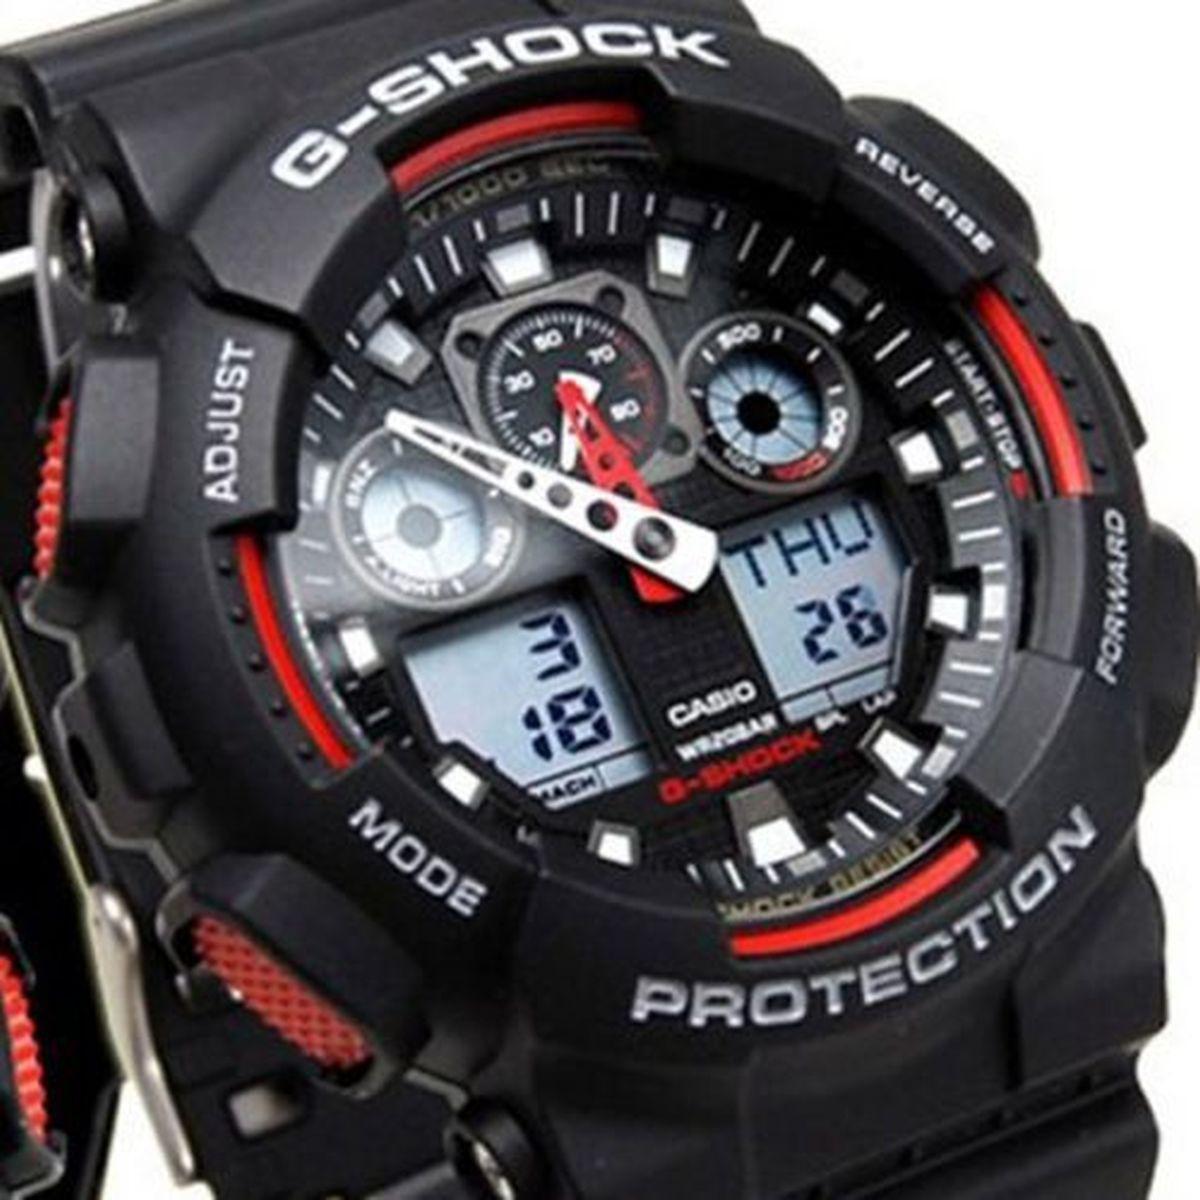 118d8456f3b Relogio Masculino Casio G-shock Anadigi Ga-100-1a4dr - Preto vermelho  Produto não disponível